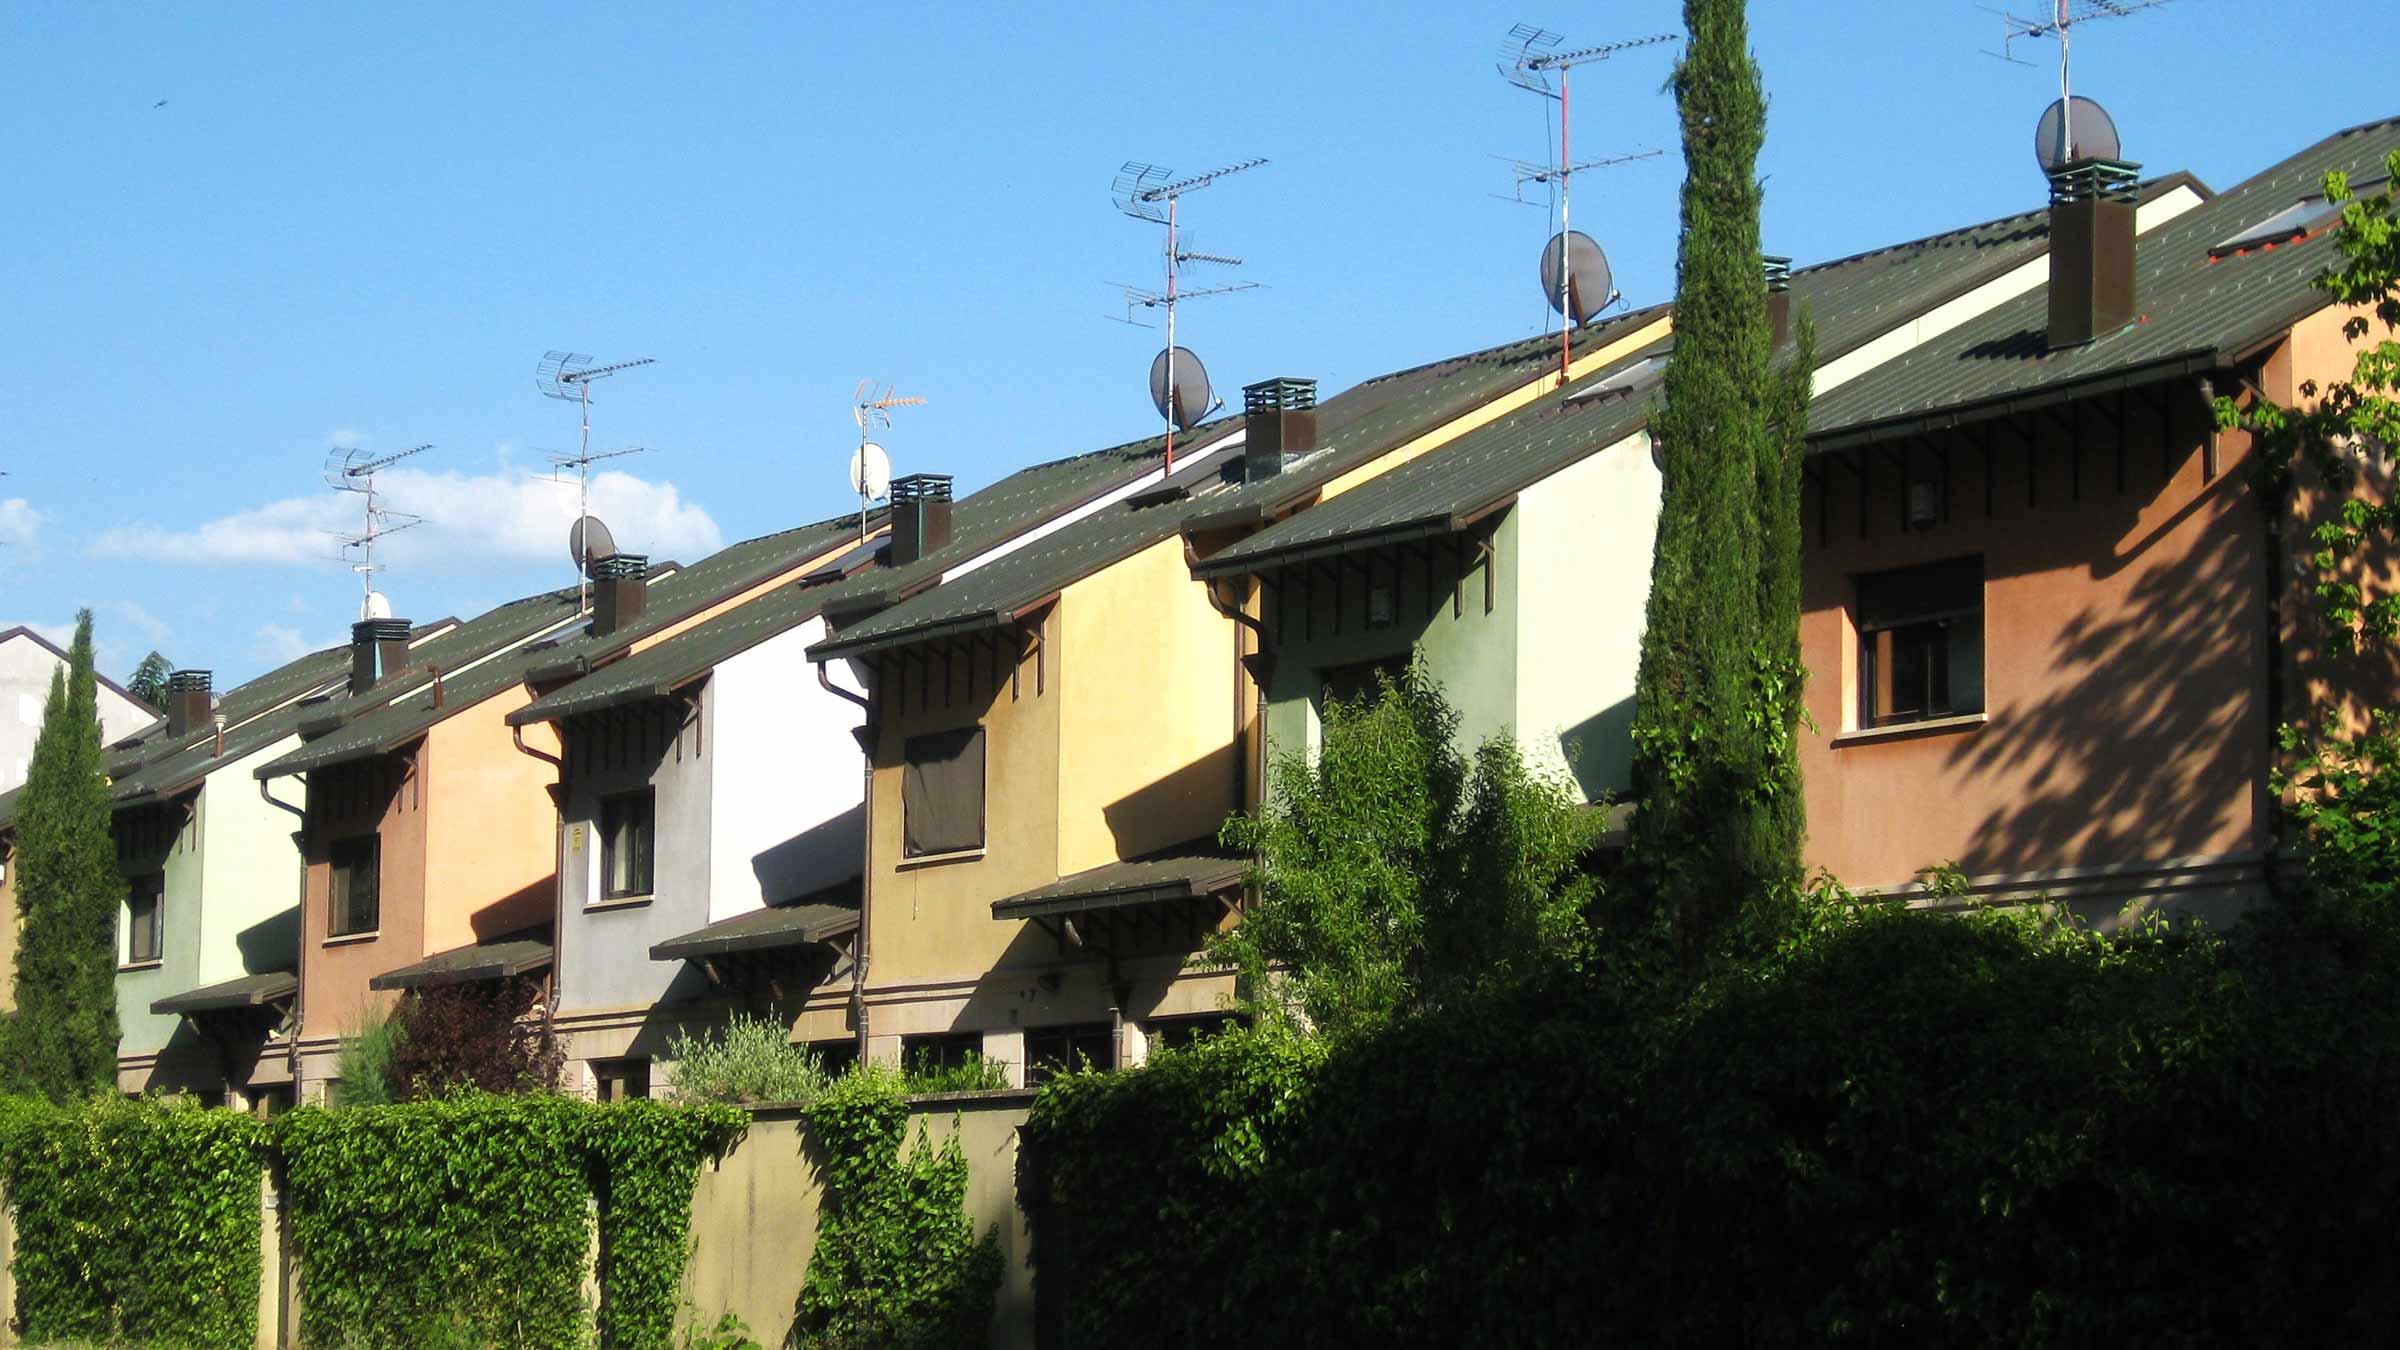 Progetto casetta in legno da giardino dwg piante arredo giardino dwg miglior ispirazione per la - Casa a schiera progetto ...